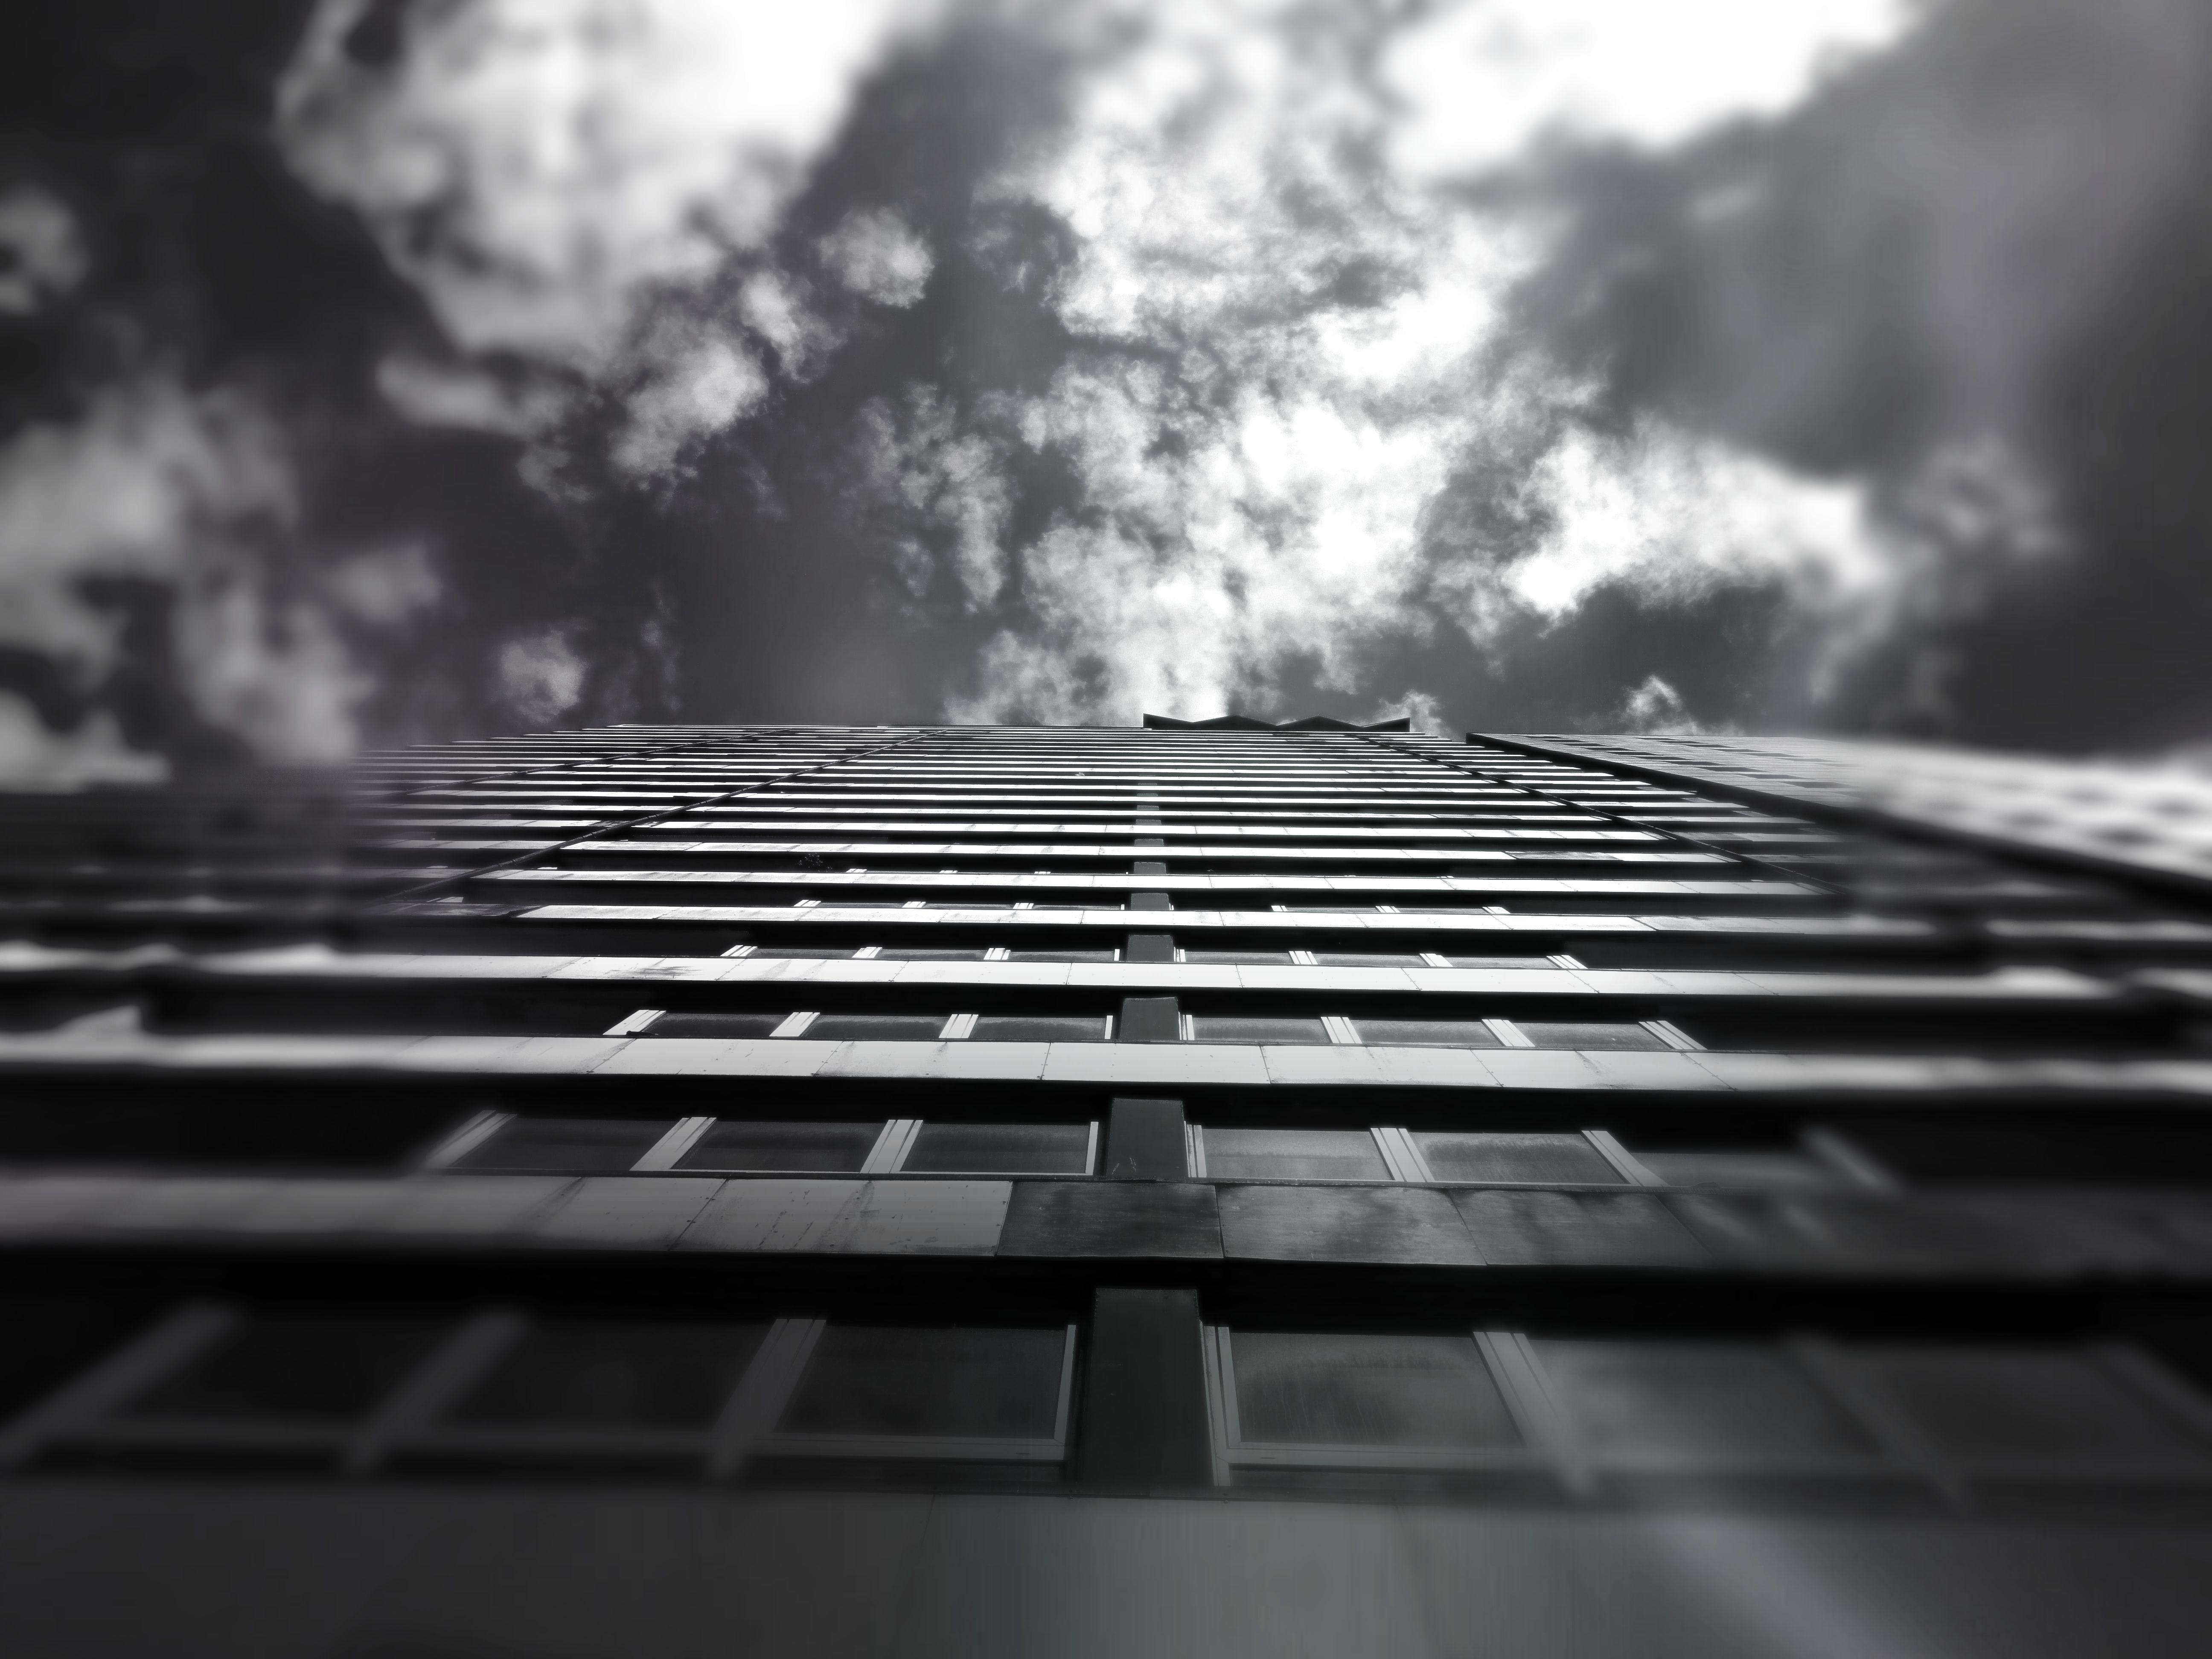 Fotos de stock gratuitas de alto, arquitectura, blanco y negro, cielo